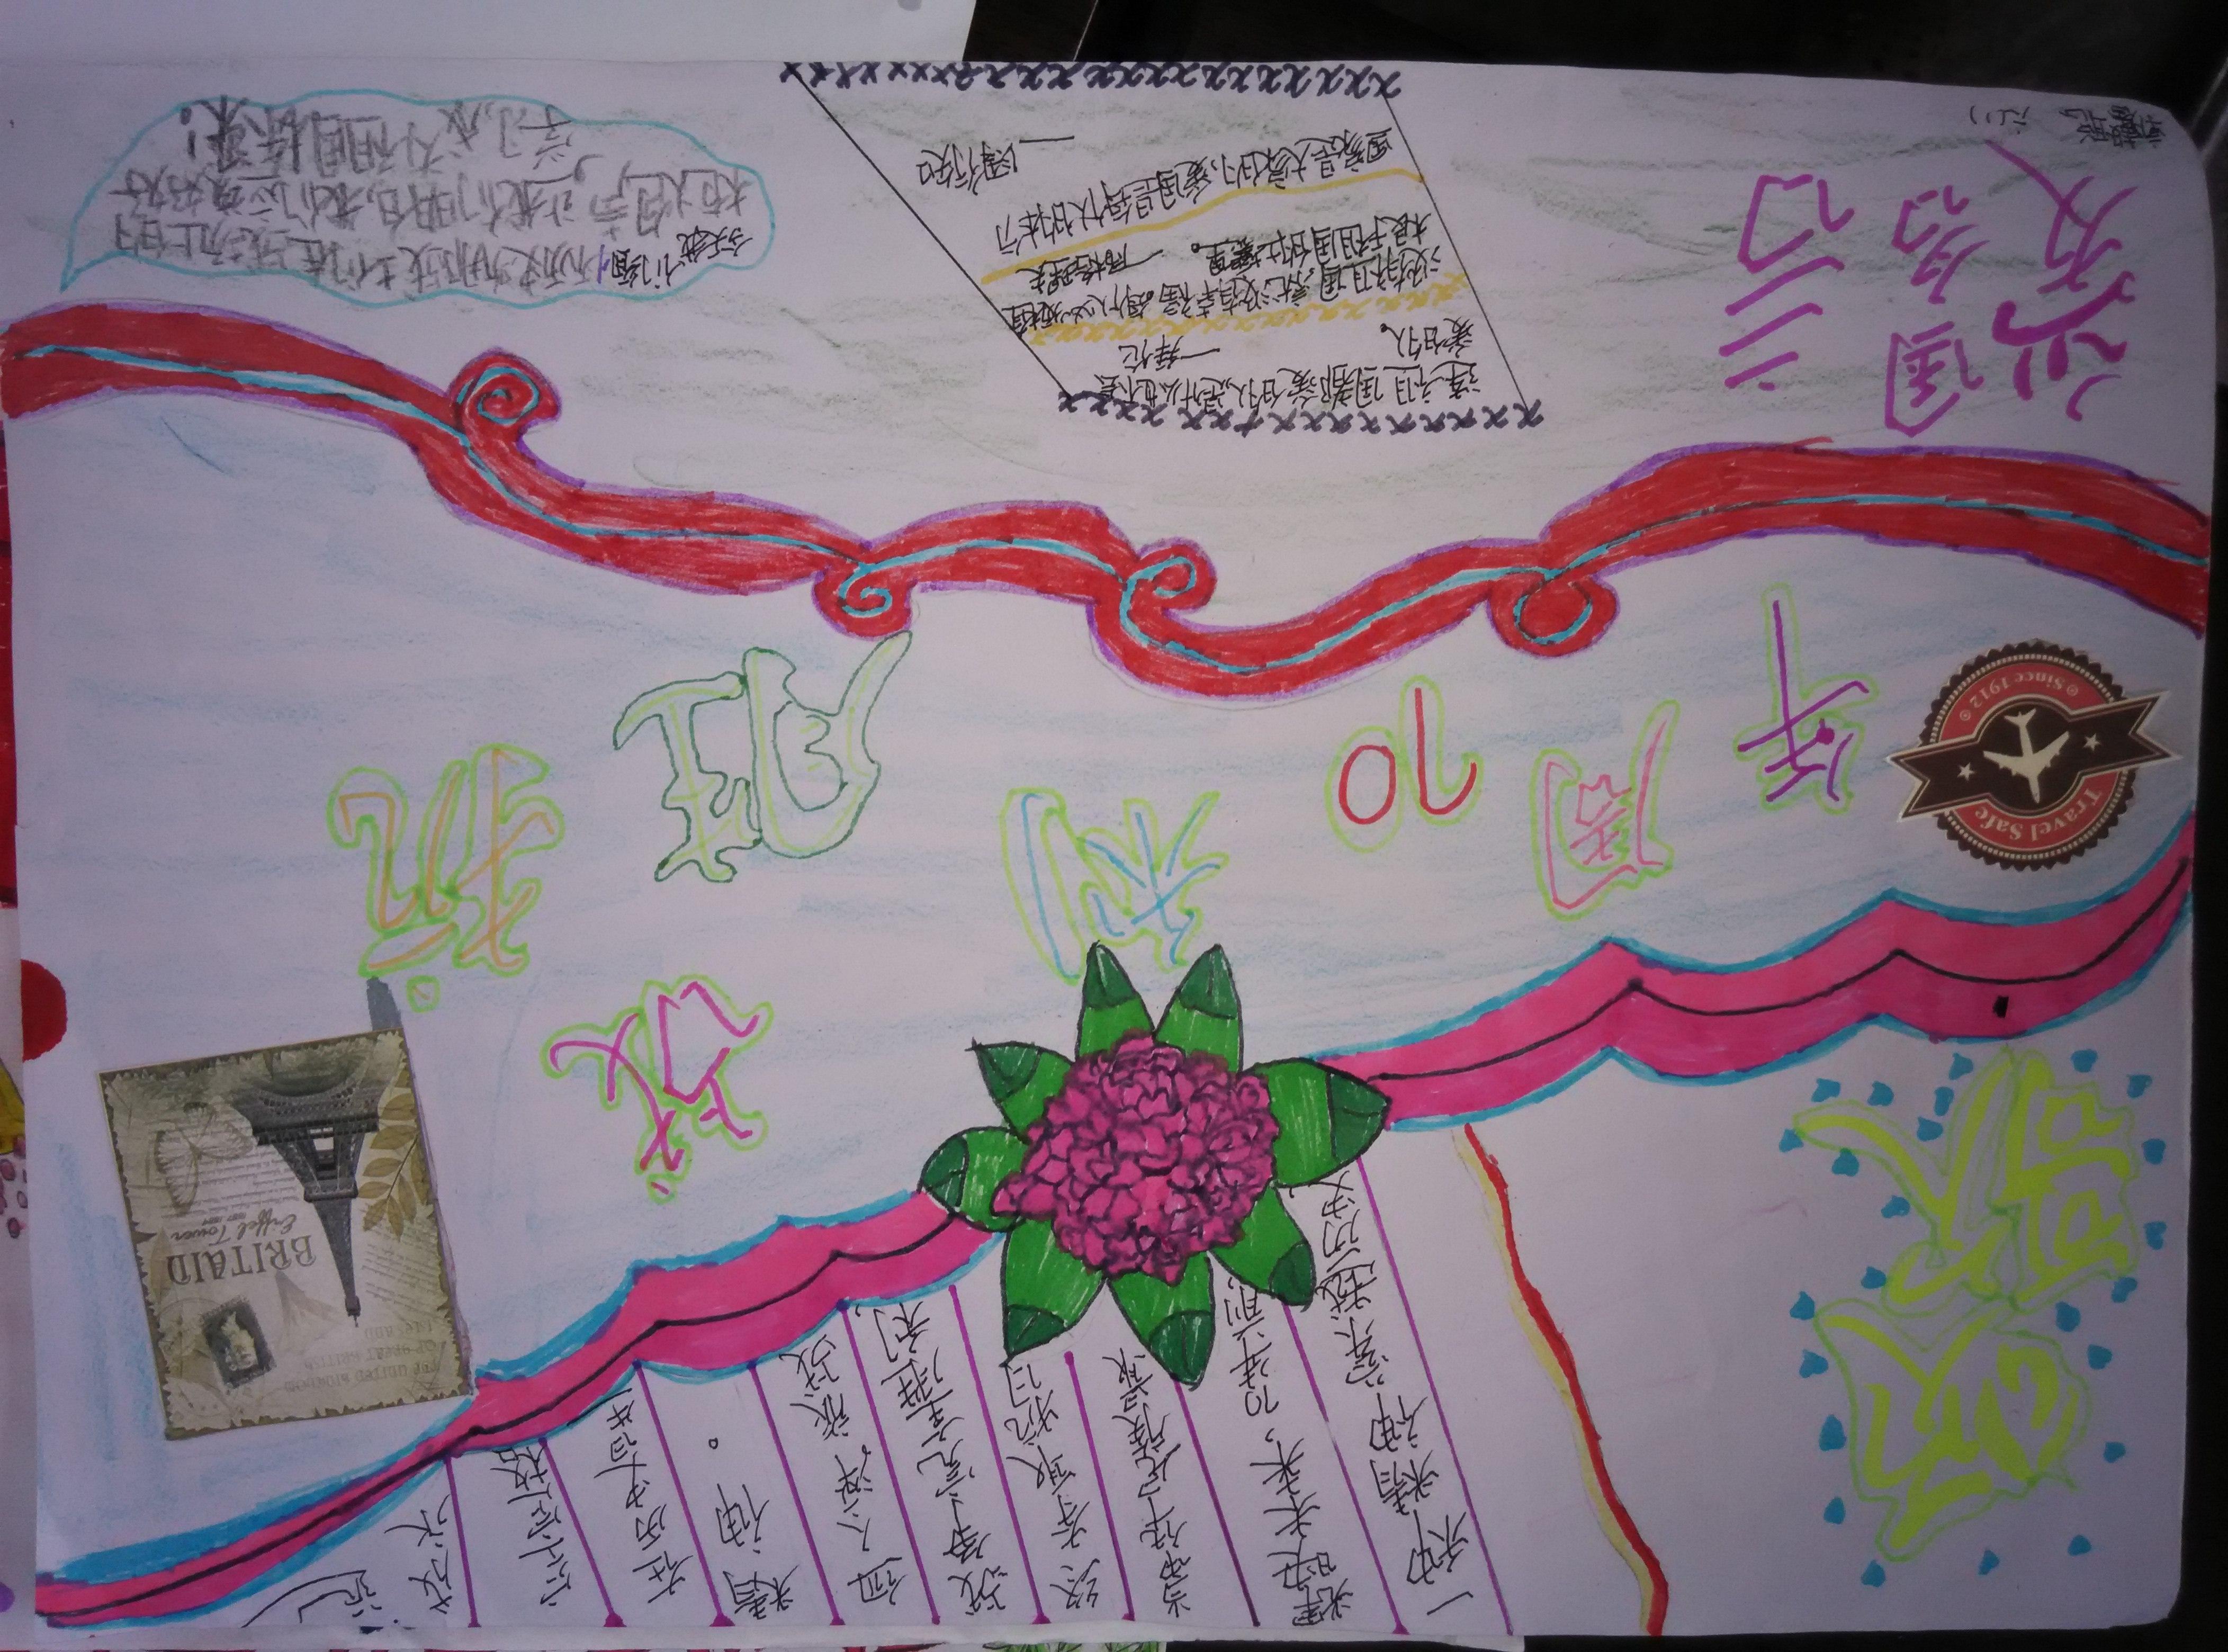 手抄报 - 开学第一课:纪念抗日战争胜利70周年 - 活动 - 未来网红领巾图片